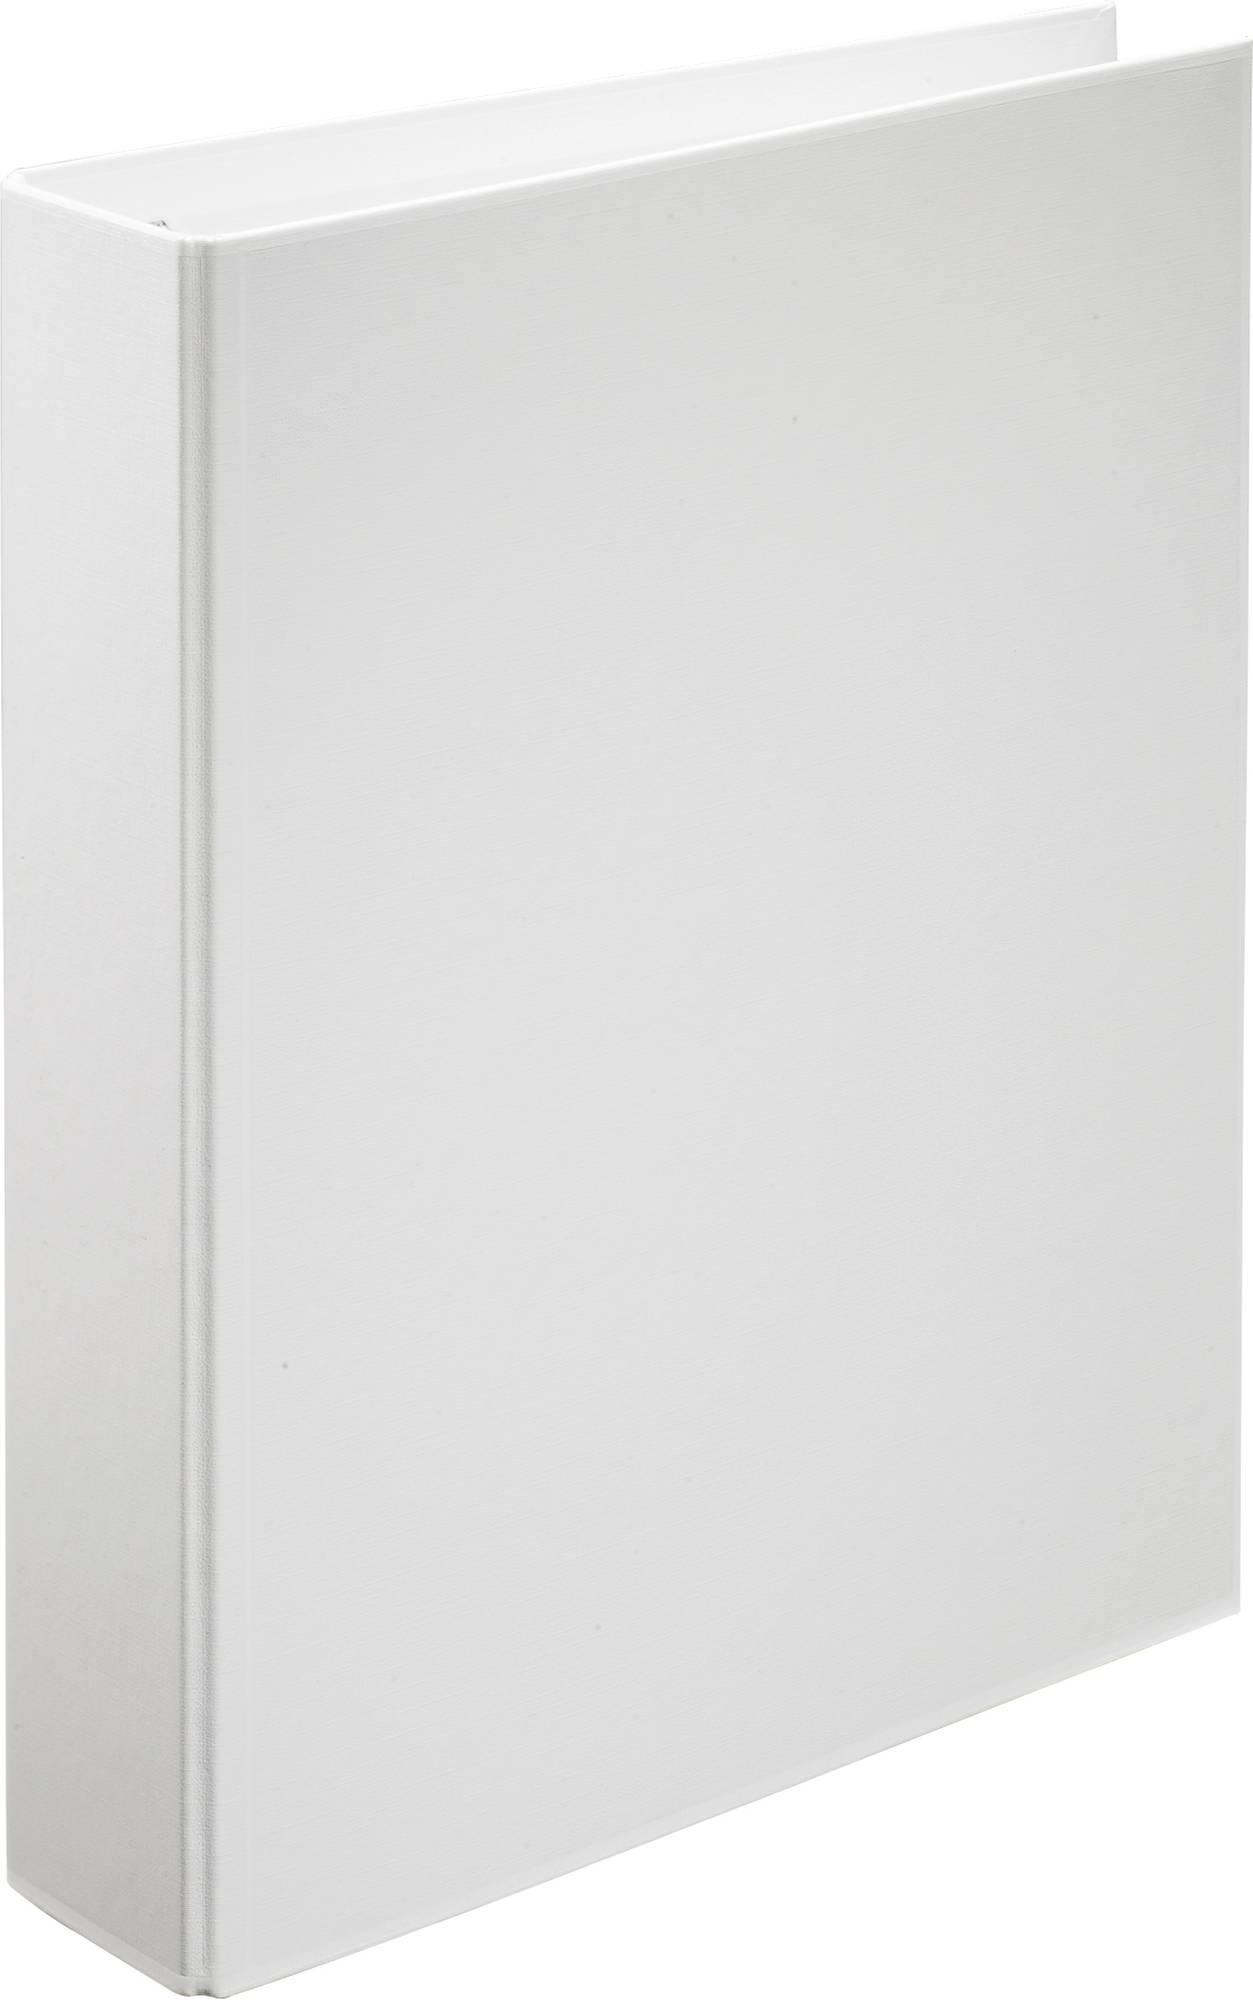 Weißer 2-Ringordner aus umweltfreundlichem Polypropylen mit Klarsichttasche, ø 30 mm